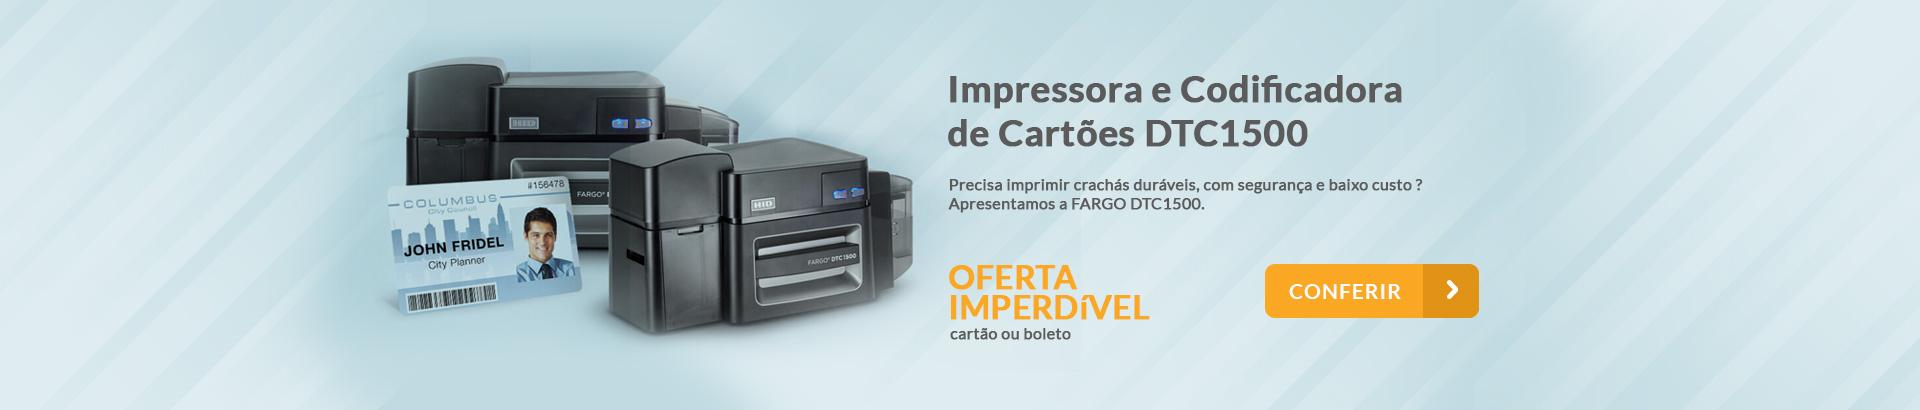 Impressora e Codificadora de Cartoes TDC1500